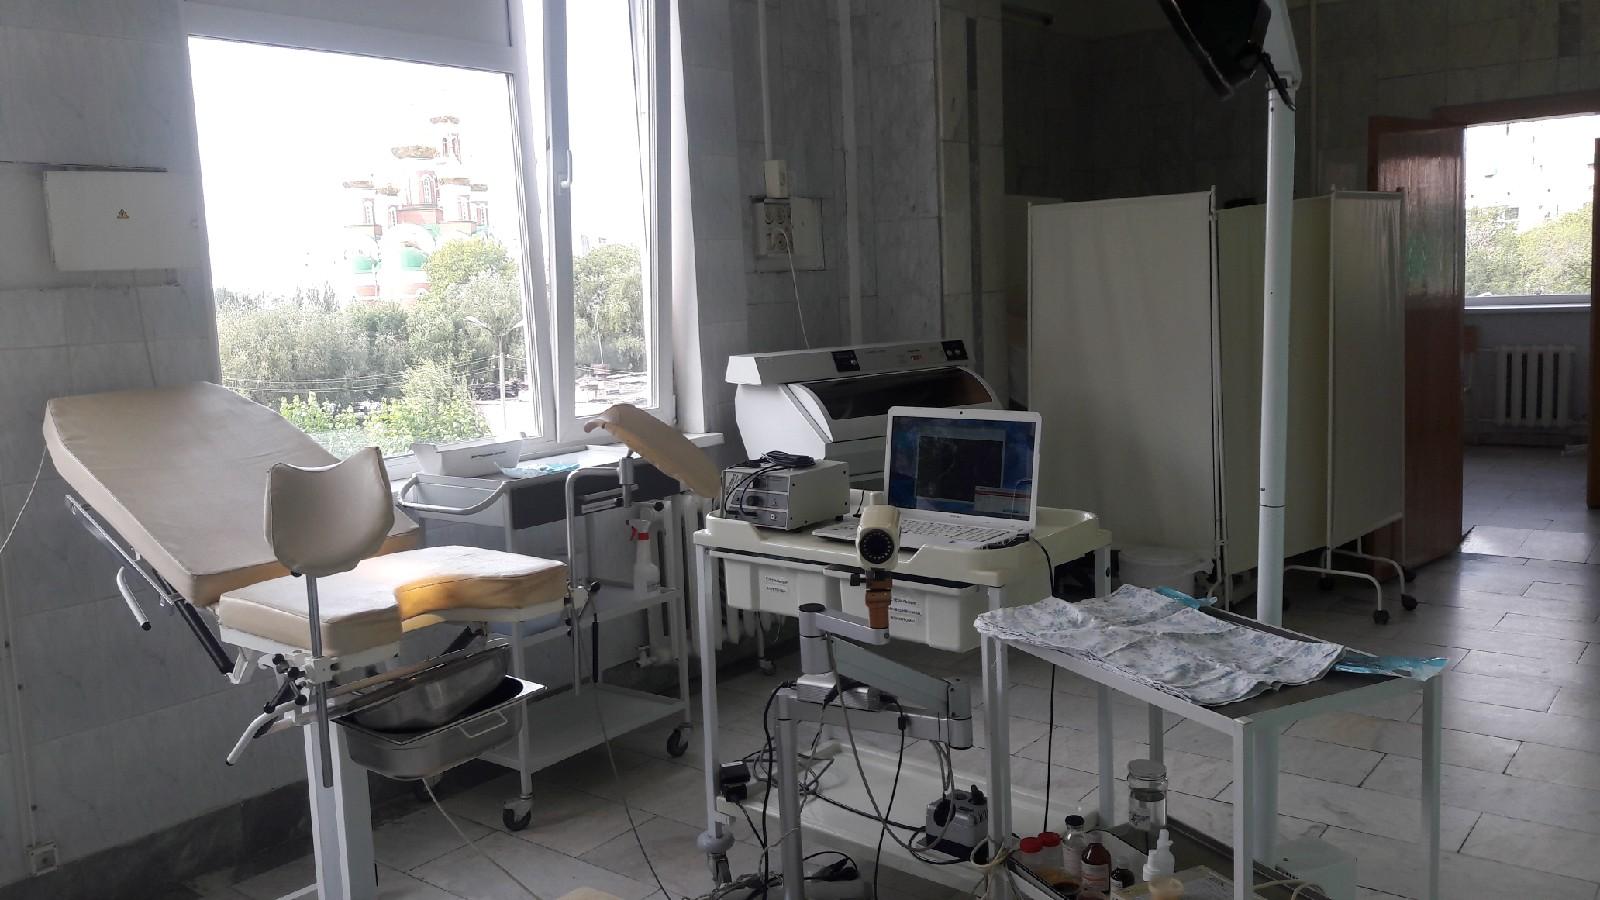 посещения гинеколога во время рамадана